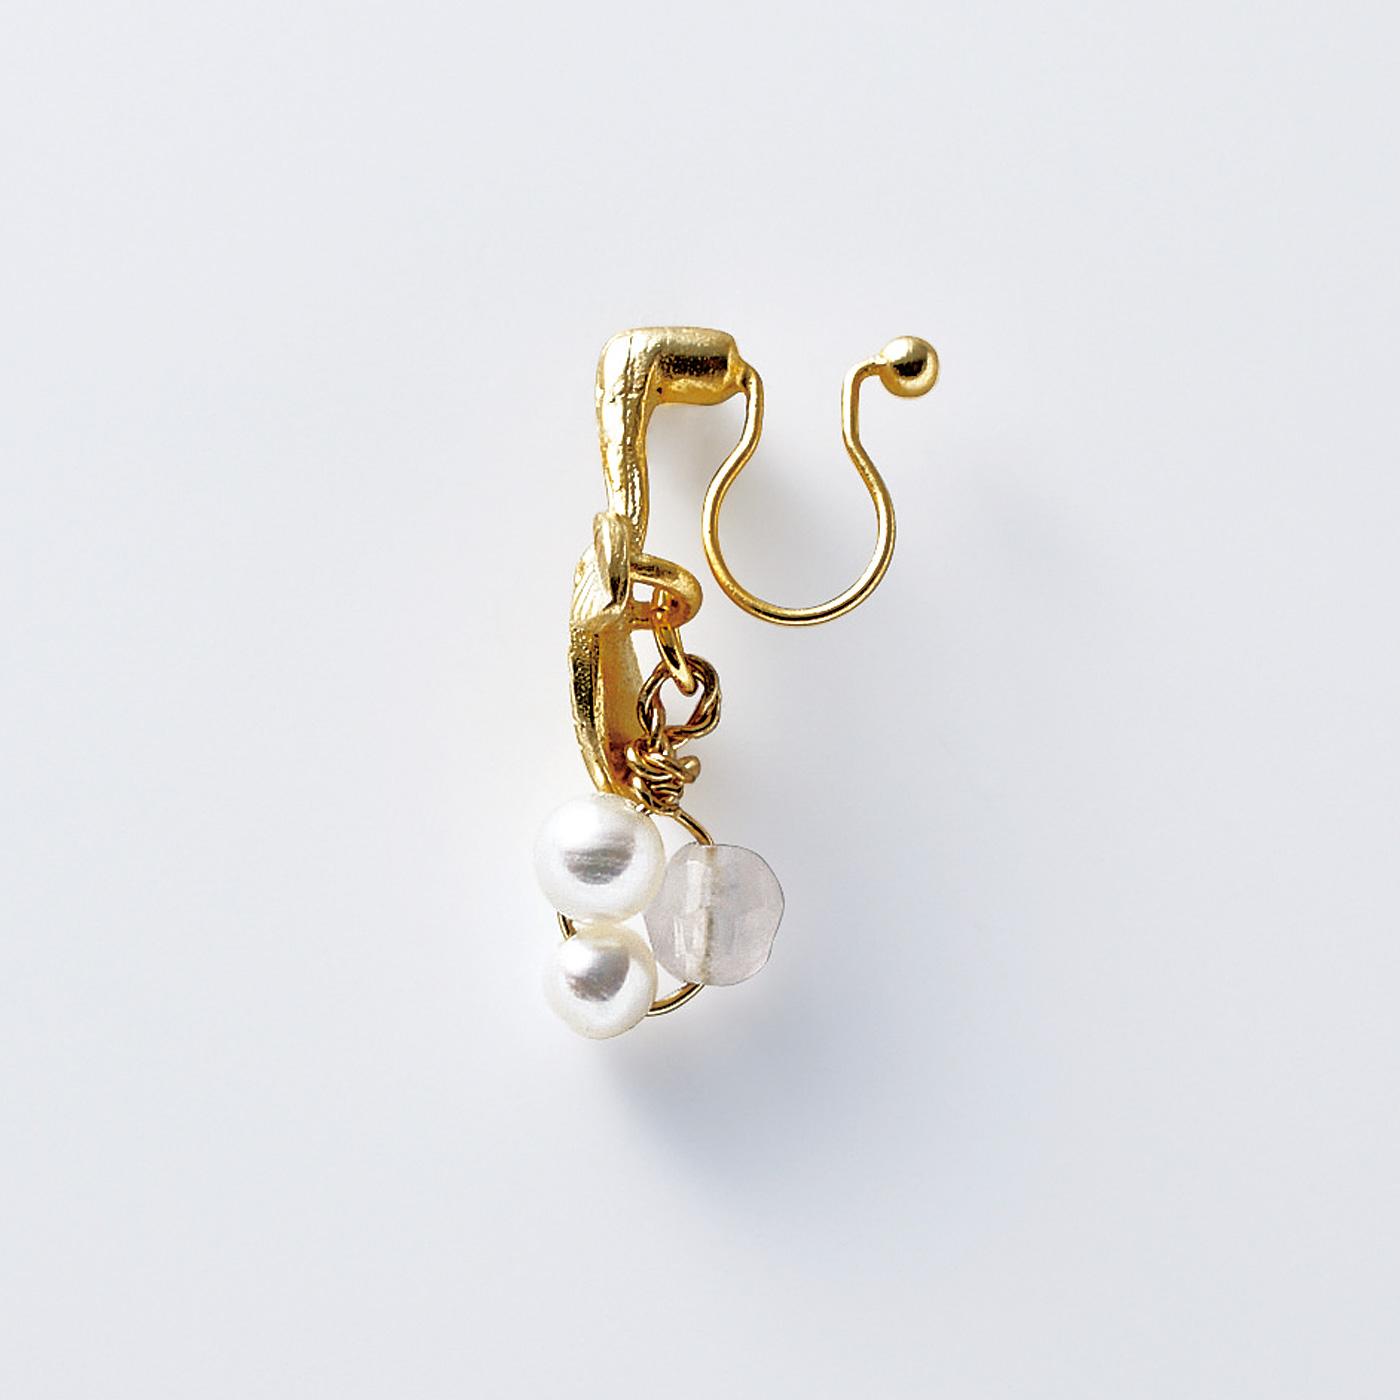 2(イヤリング) 着けるとピアスのように見える華奢(きゃしゃ)な金具。